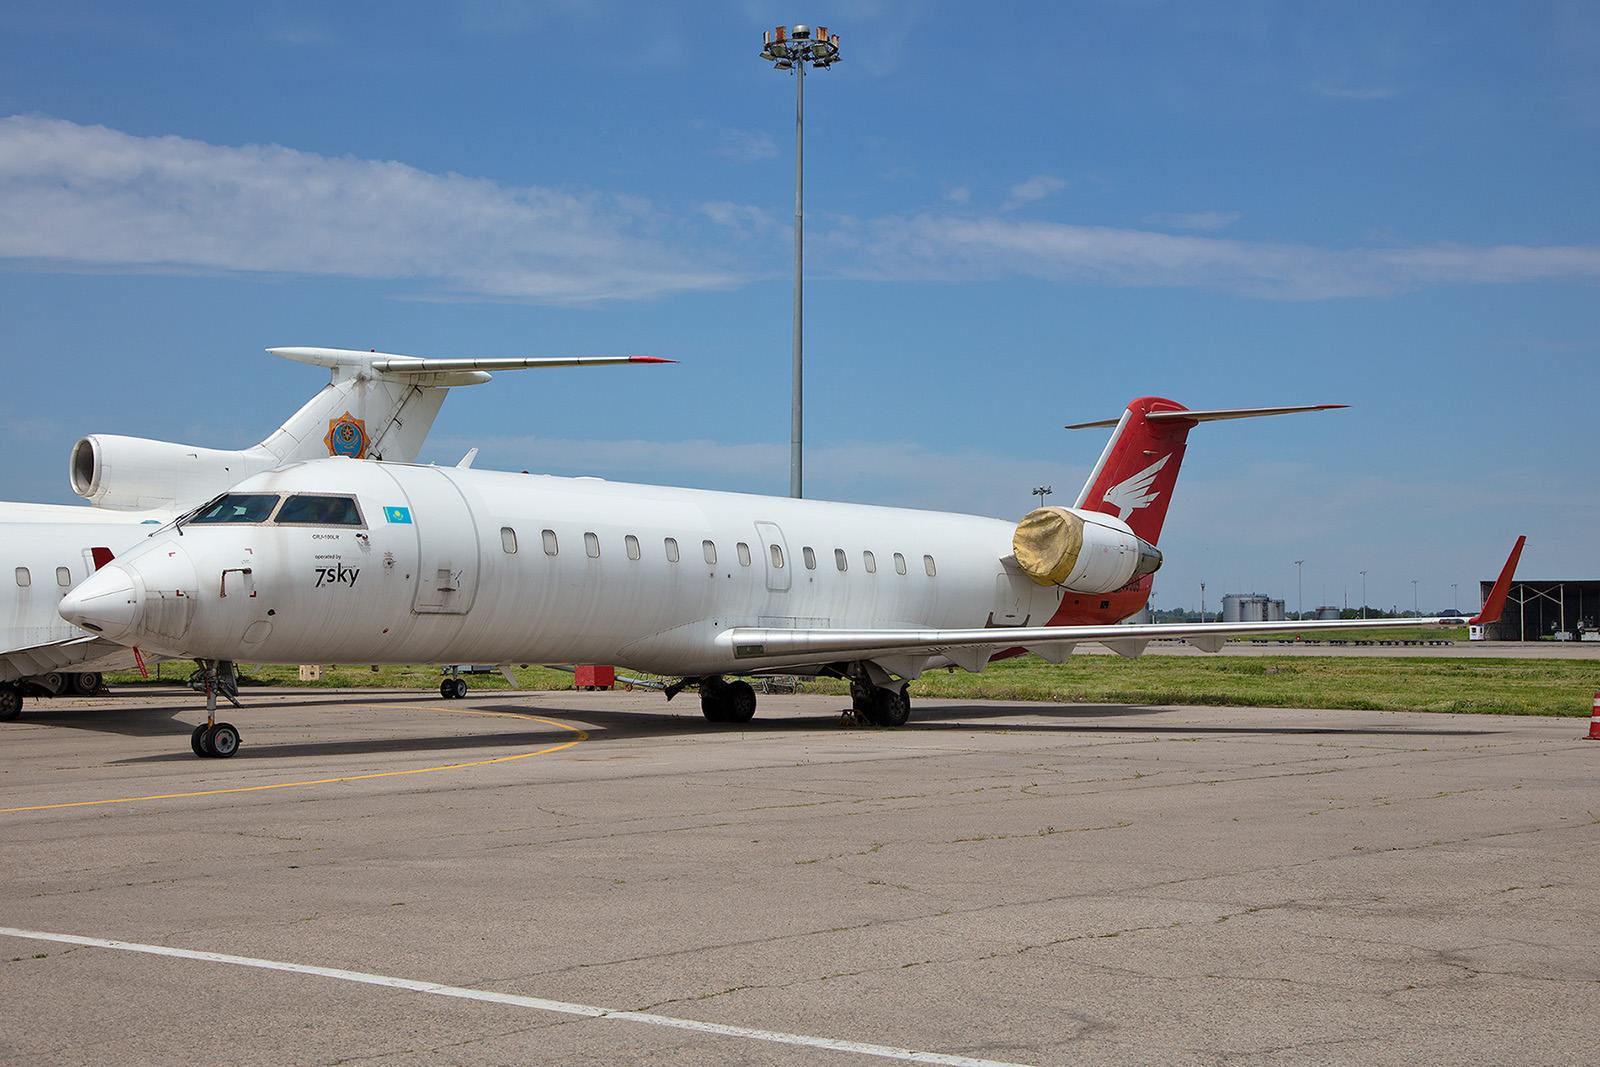 Die 7th Sky Airlines existierte nur kurz. Heute stehen ihre zwei CRJ 100 in Almaty.